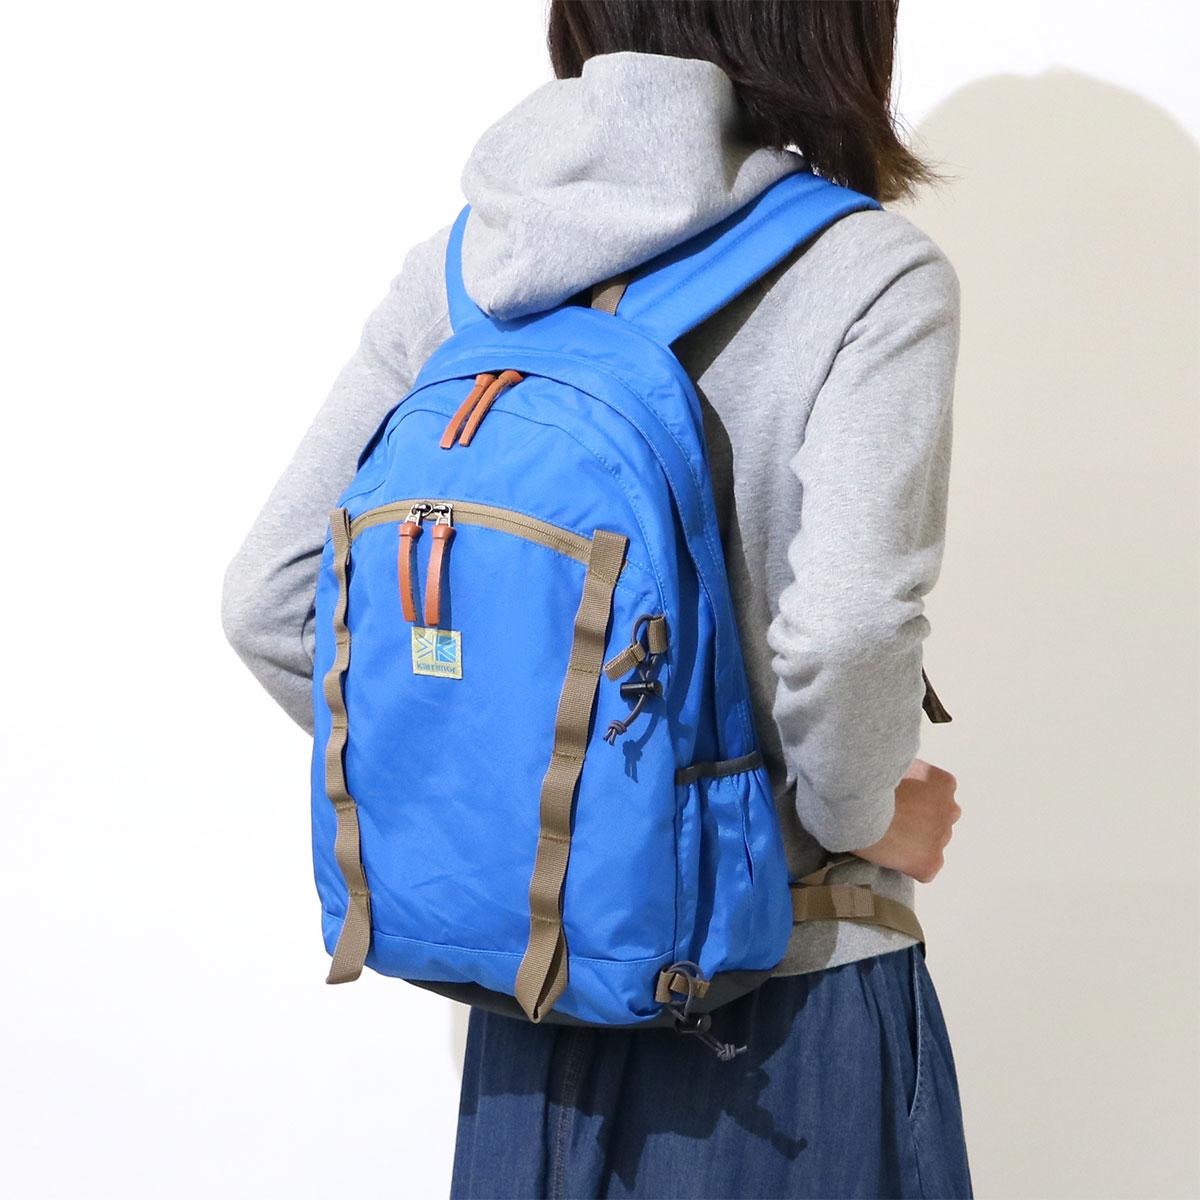 Karrimor rucksack daypack VT day pack F men's ladies' school 7870